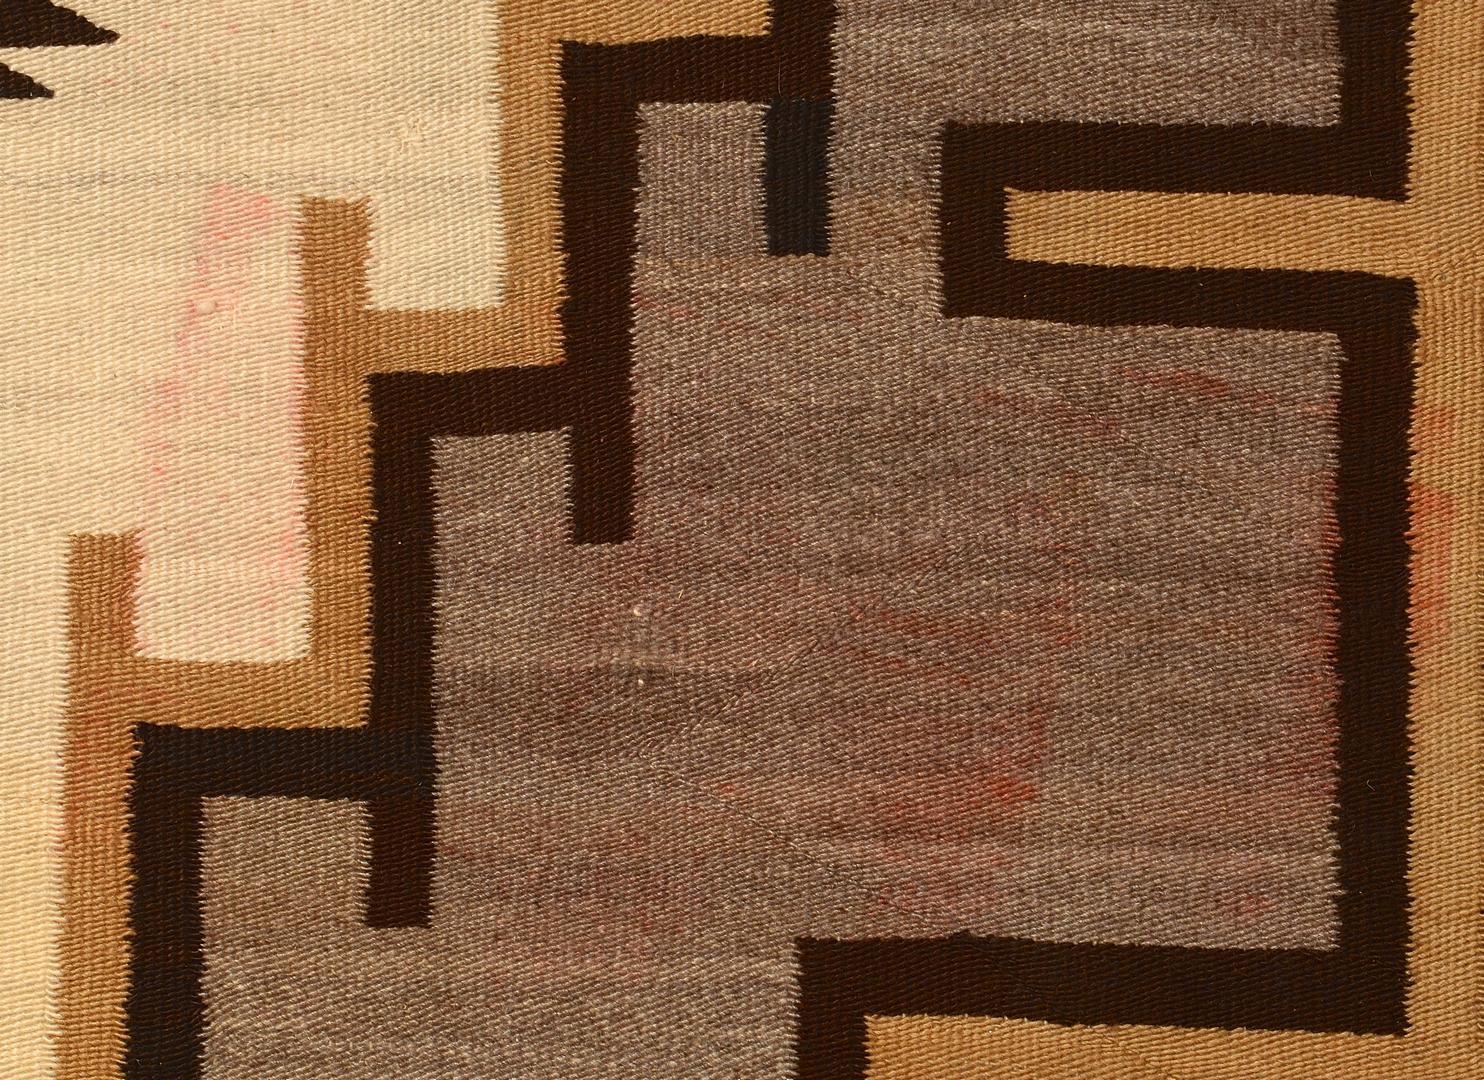 1950 S Navajo Rug Designs Vintage 1950 S Native American